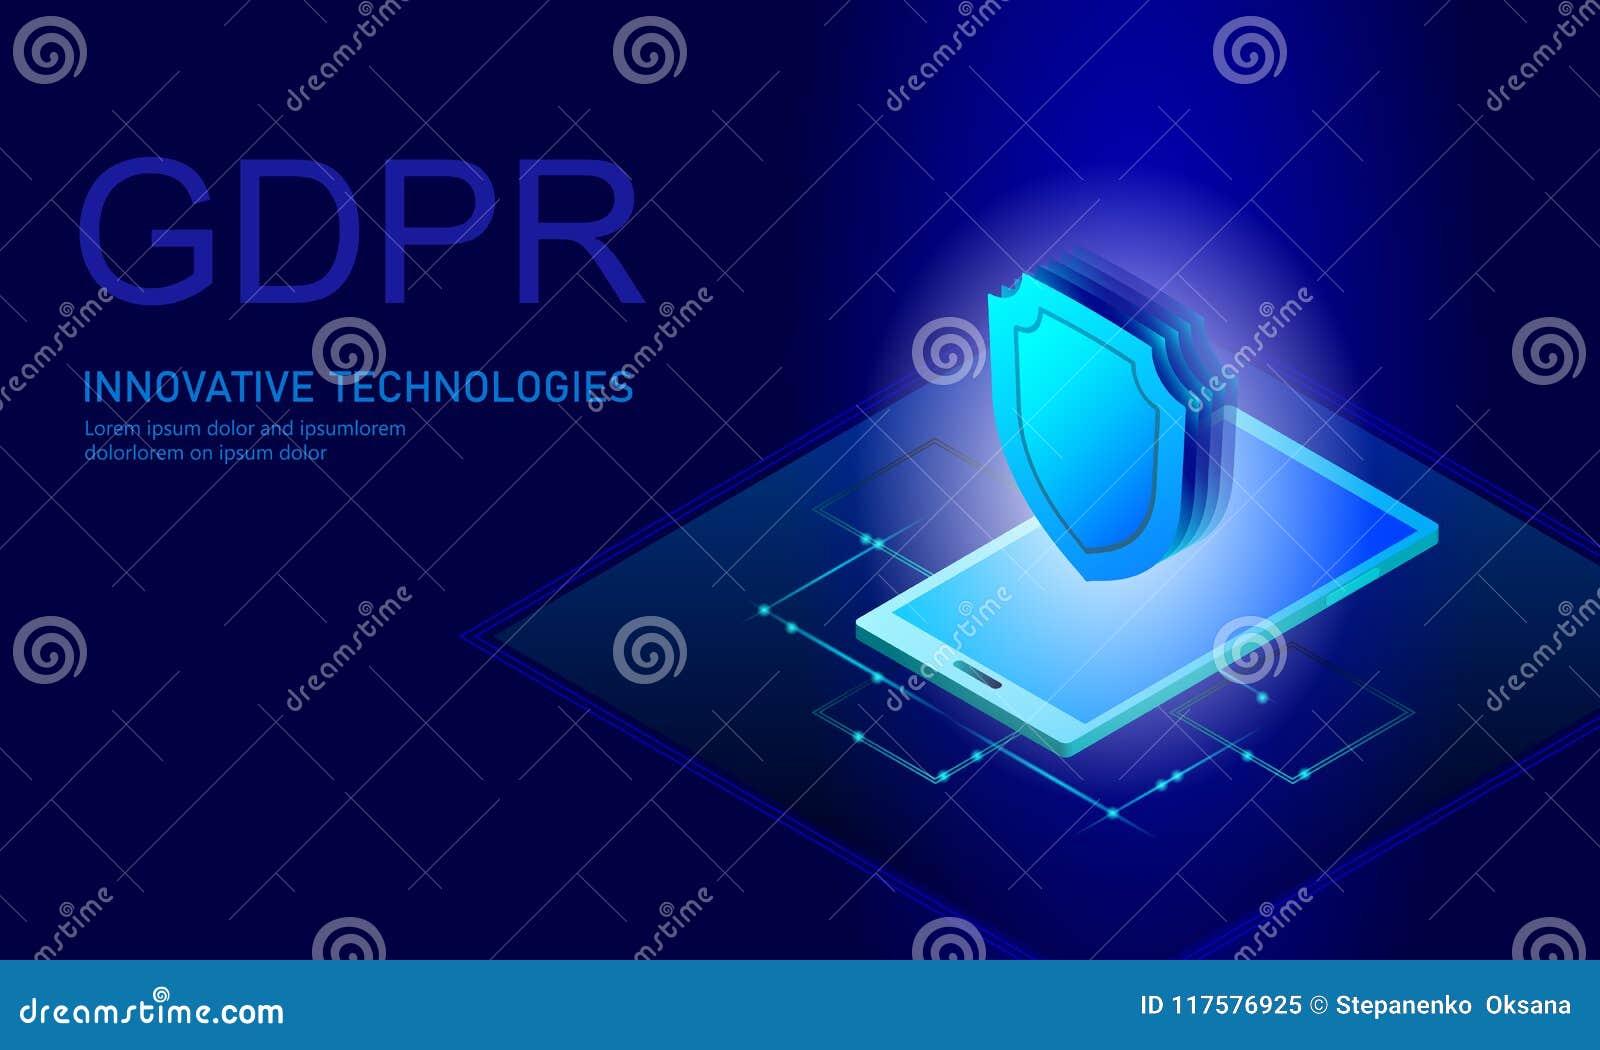 Lag GDPR för avskildhetsdataskydd Union för sköld för säkerhet för känslig information om datareglering europeisk Var rakt till